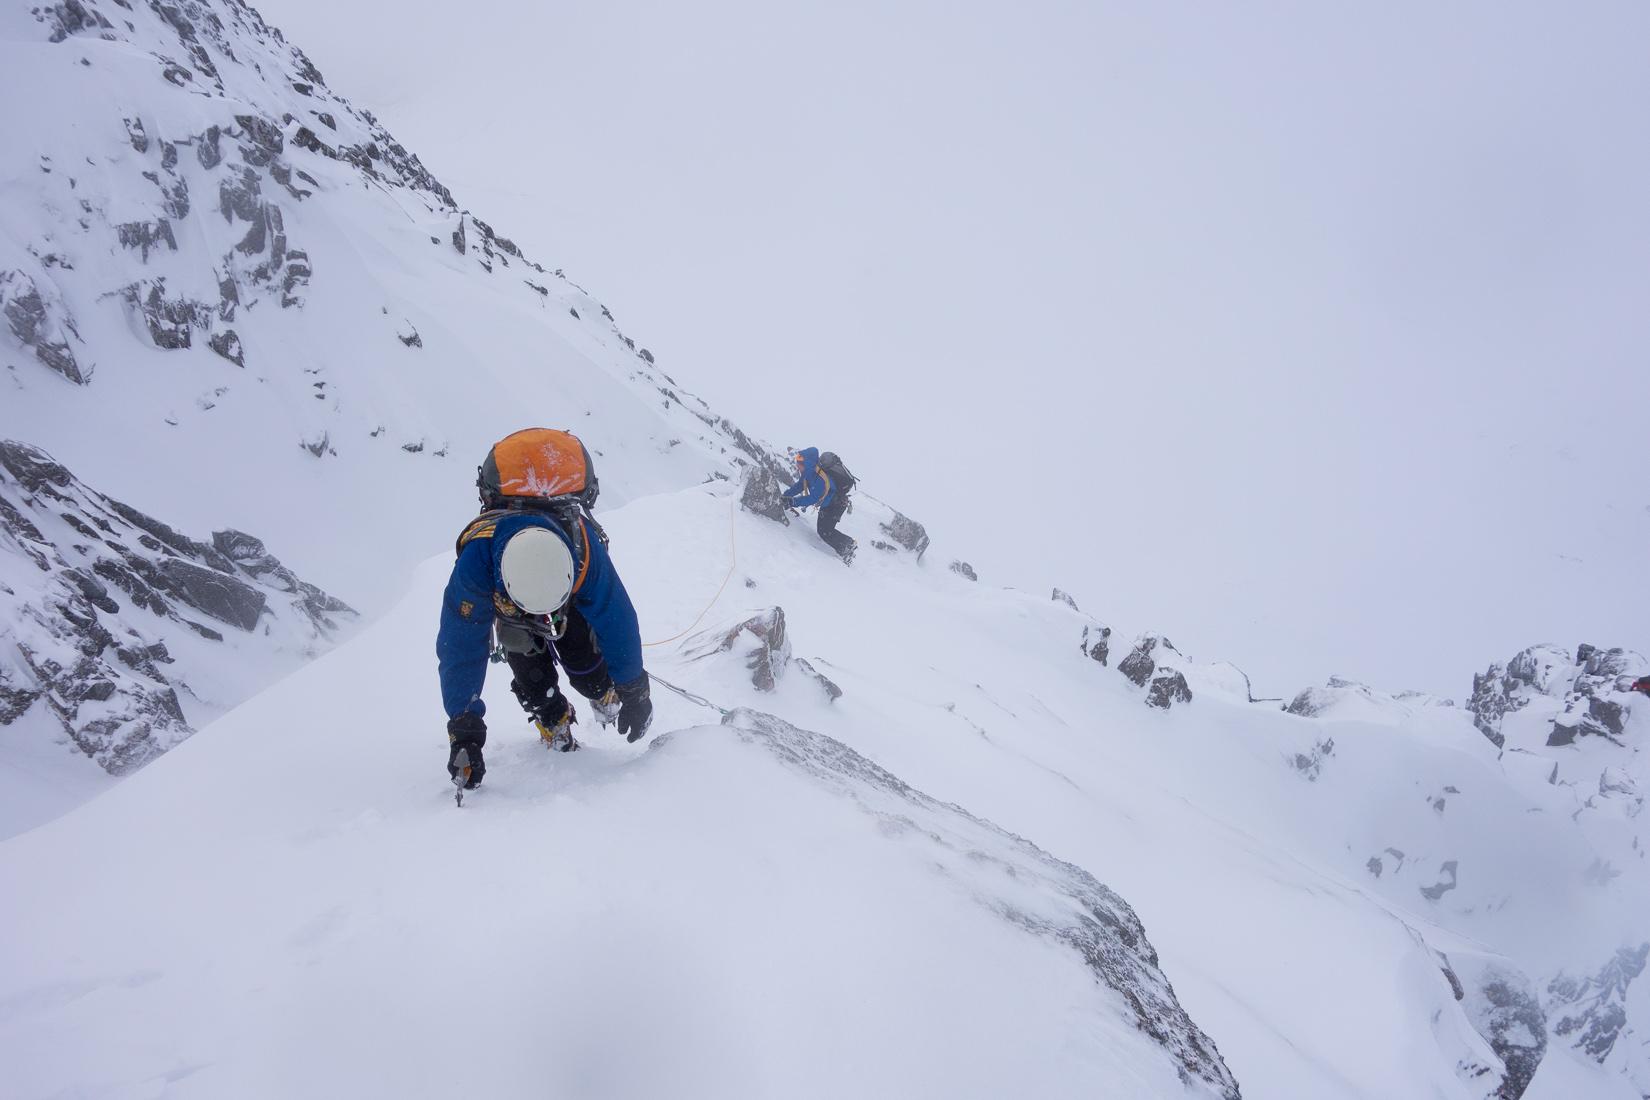 More brilliant ridge